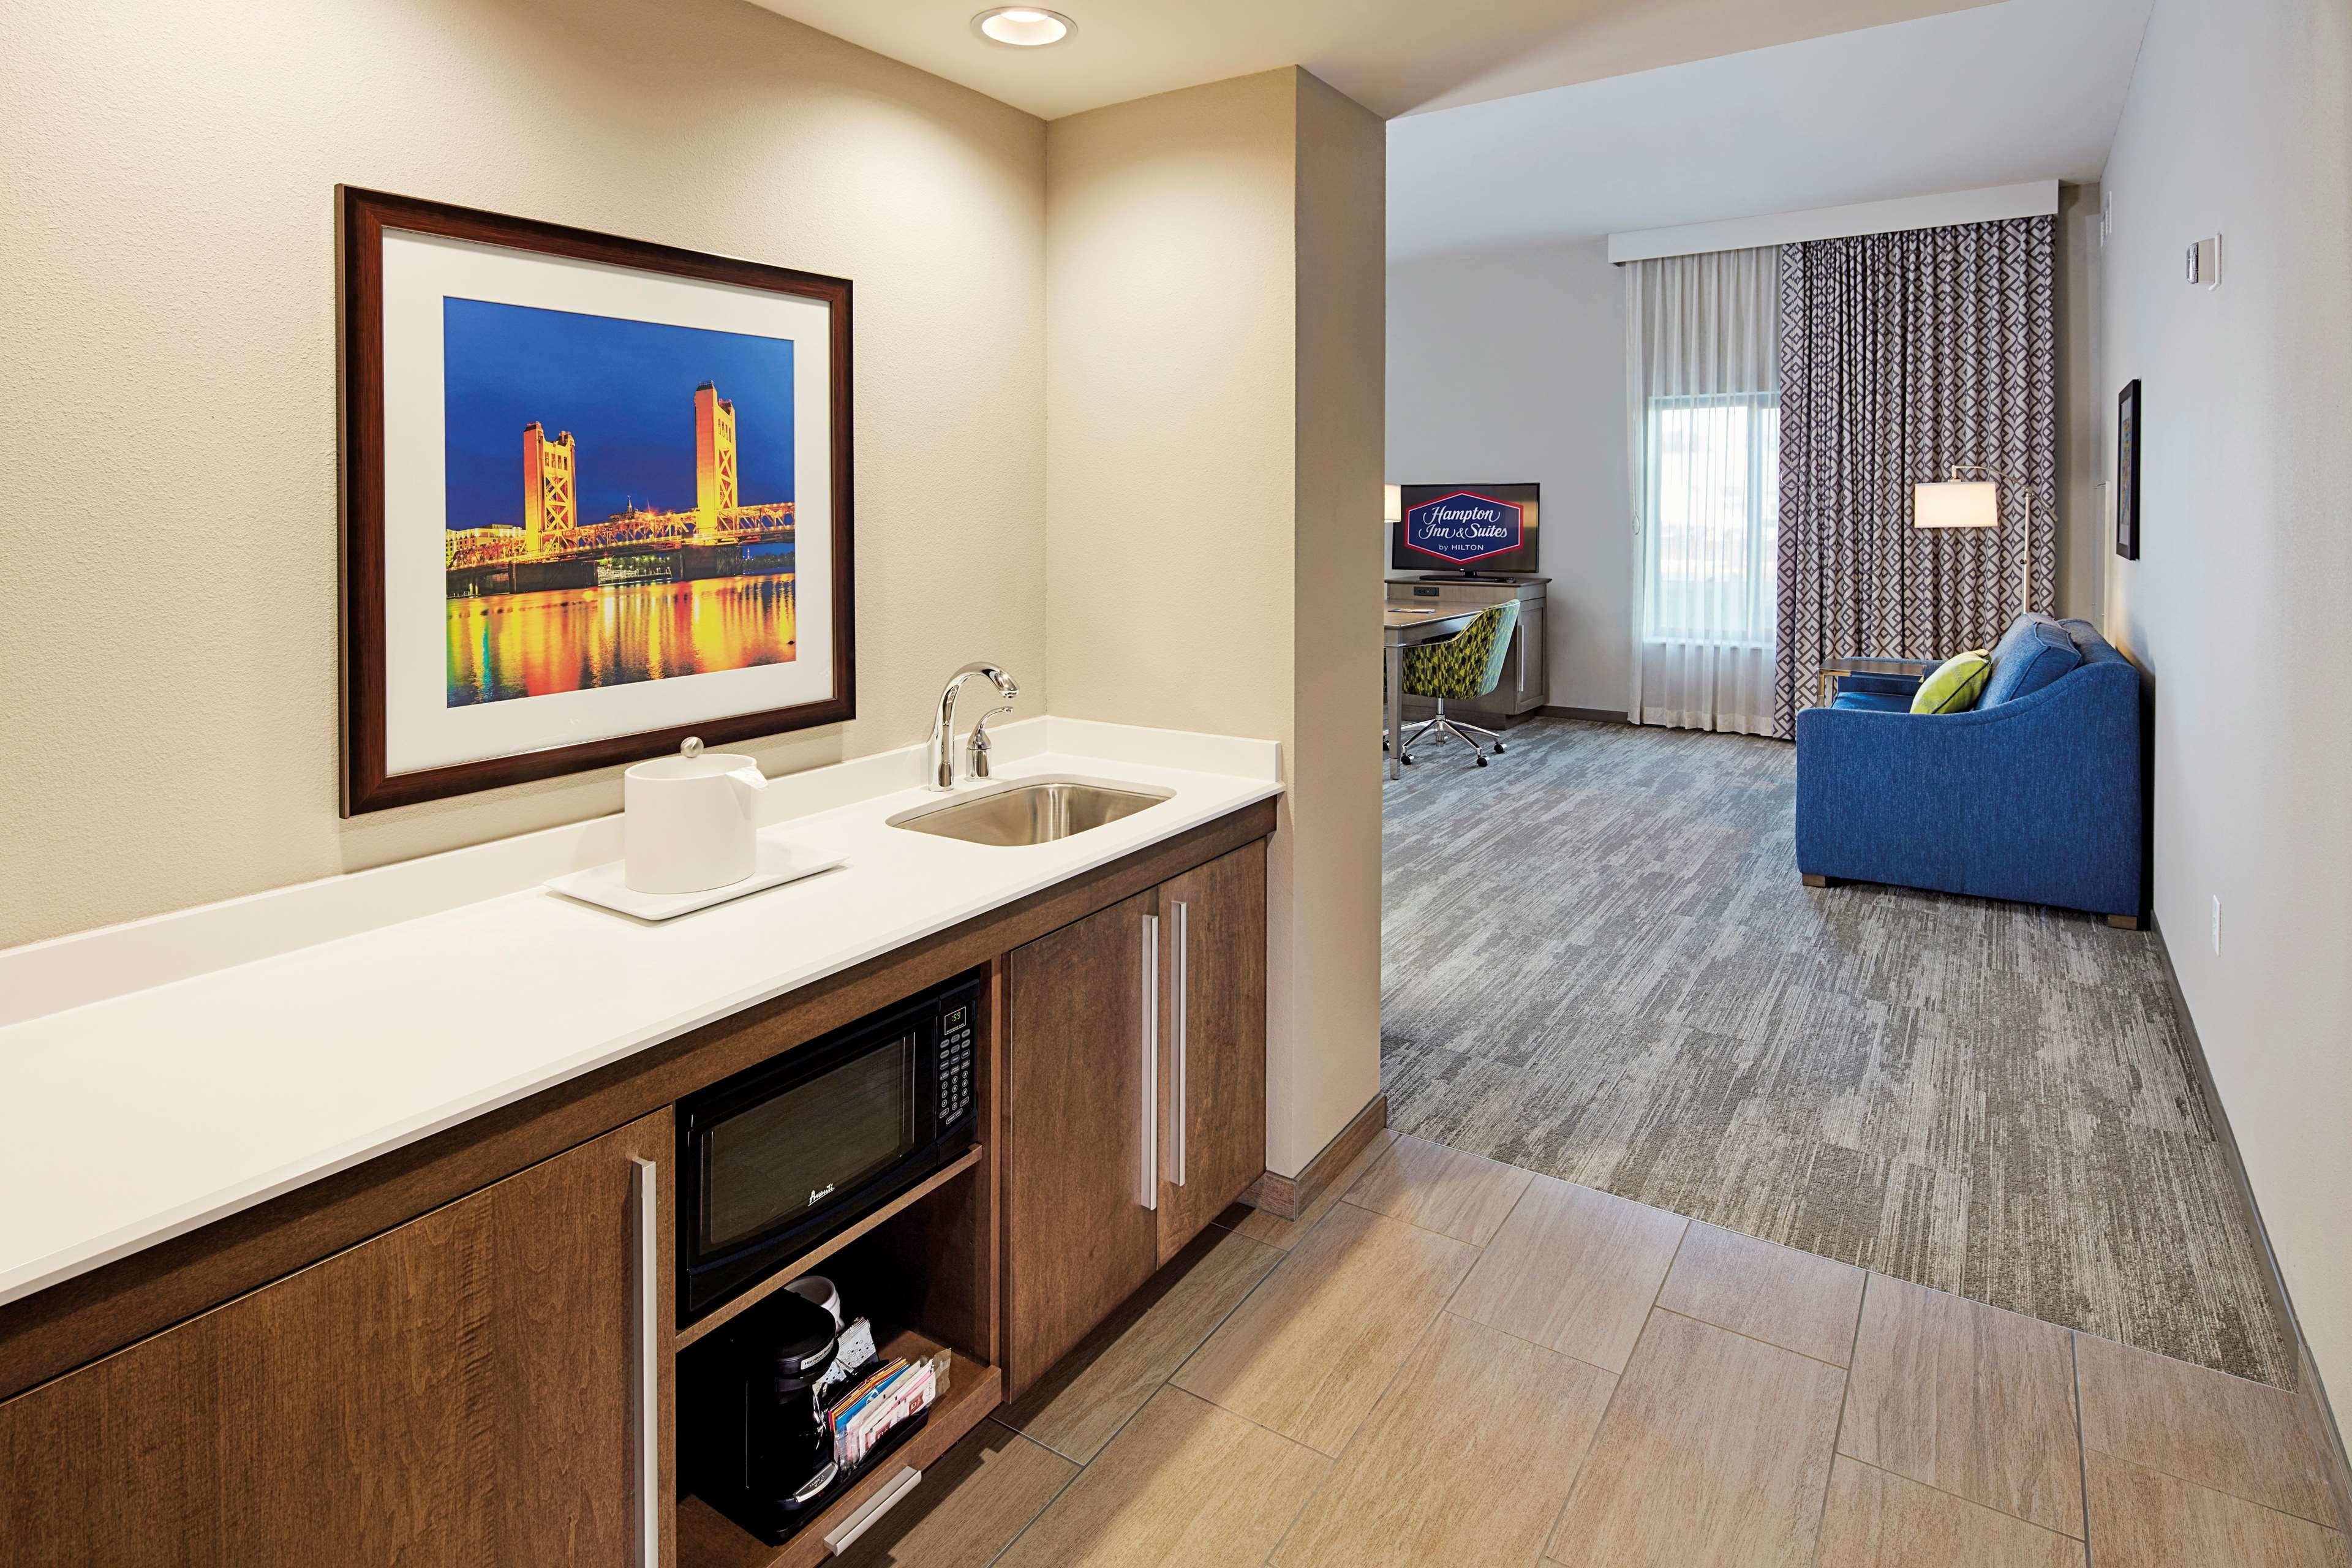 Hampton Inn & Suites Sacramento at CSUS image 23